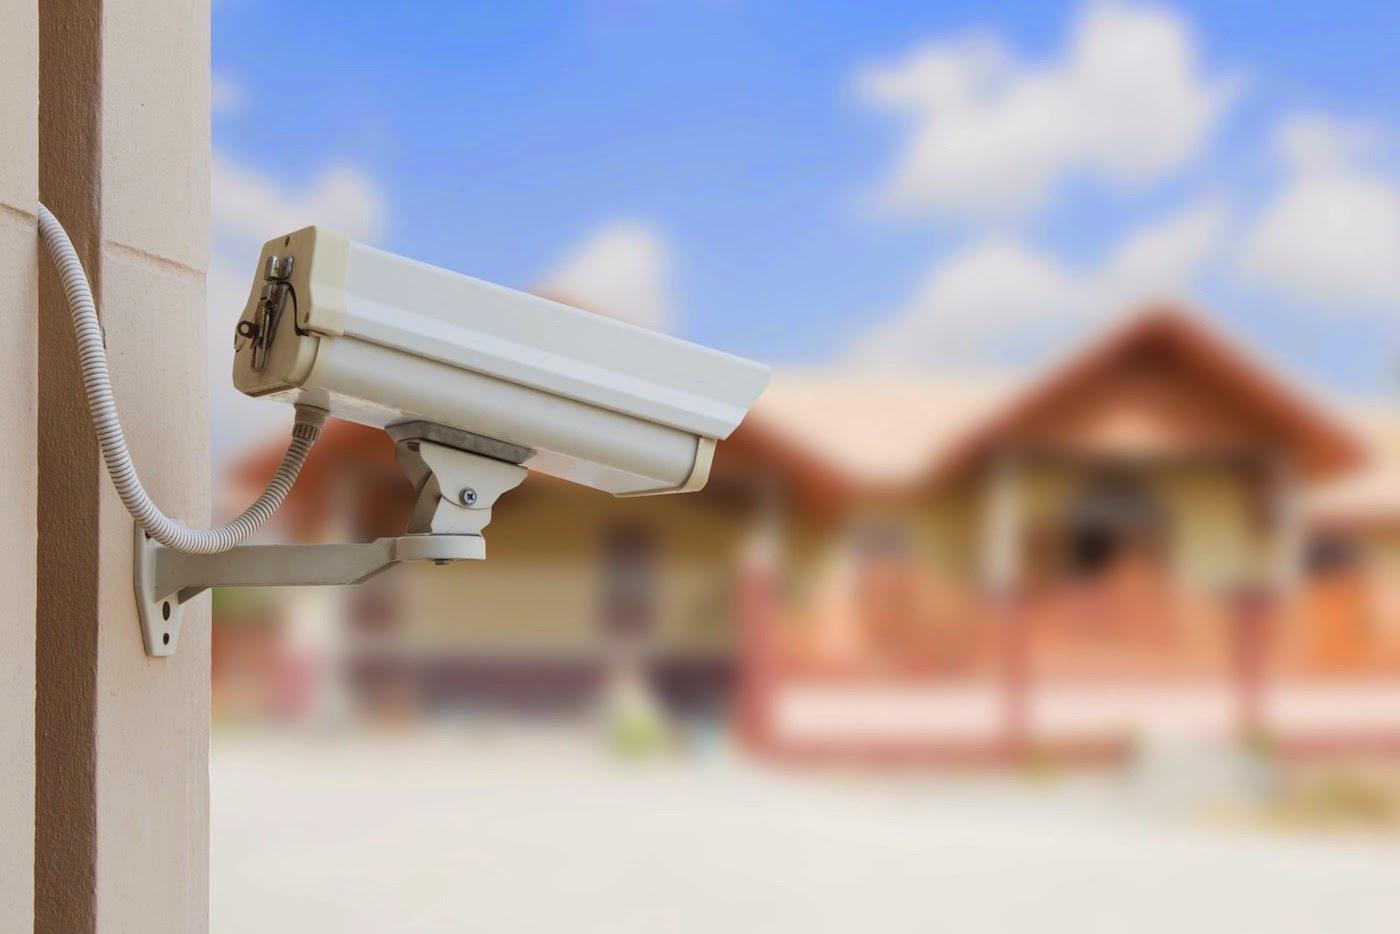 الحلقة 5 : قم بحماية اغراضك من السرقة عبر برنامج SecurityCam